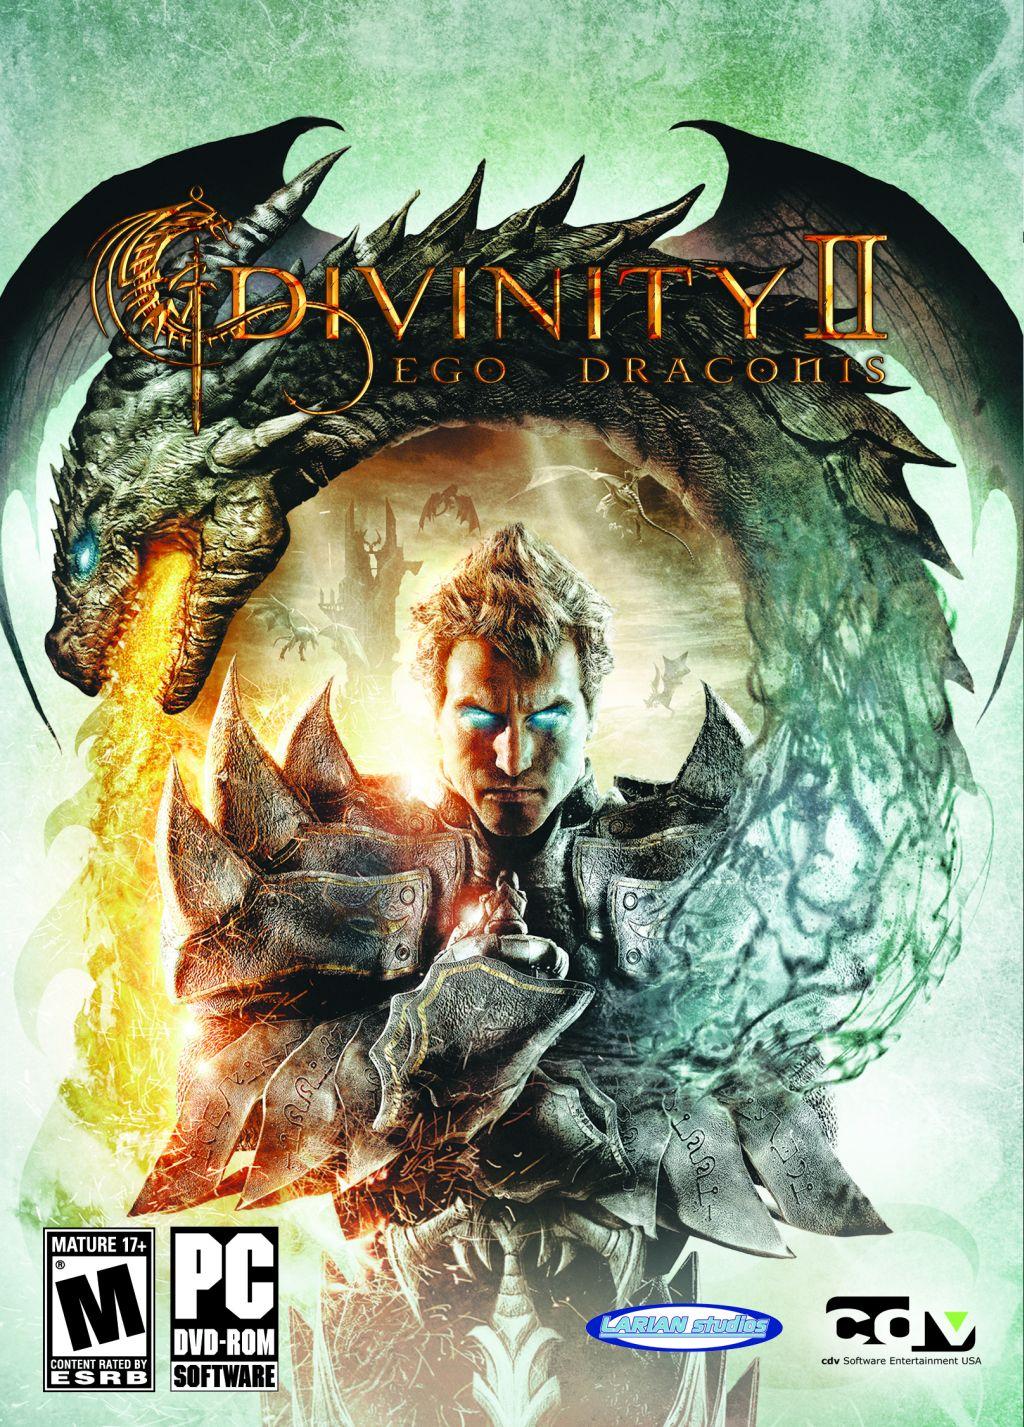 Divinity Ii Ego Draconis Rpg Site